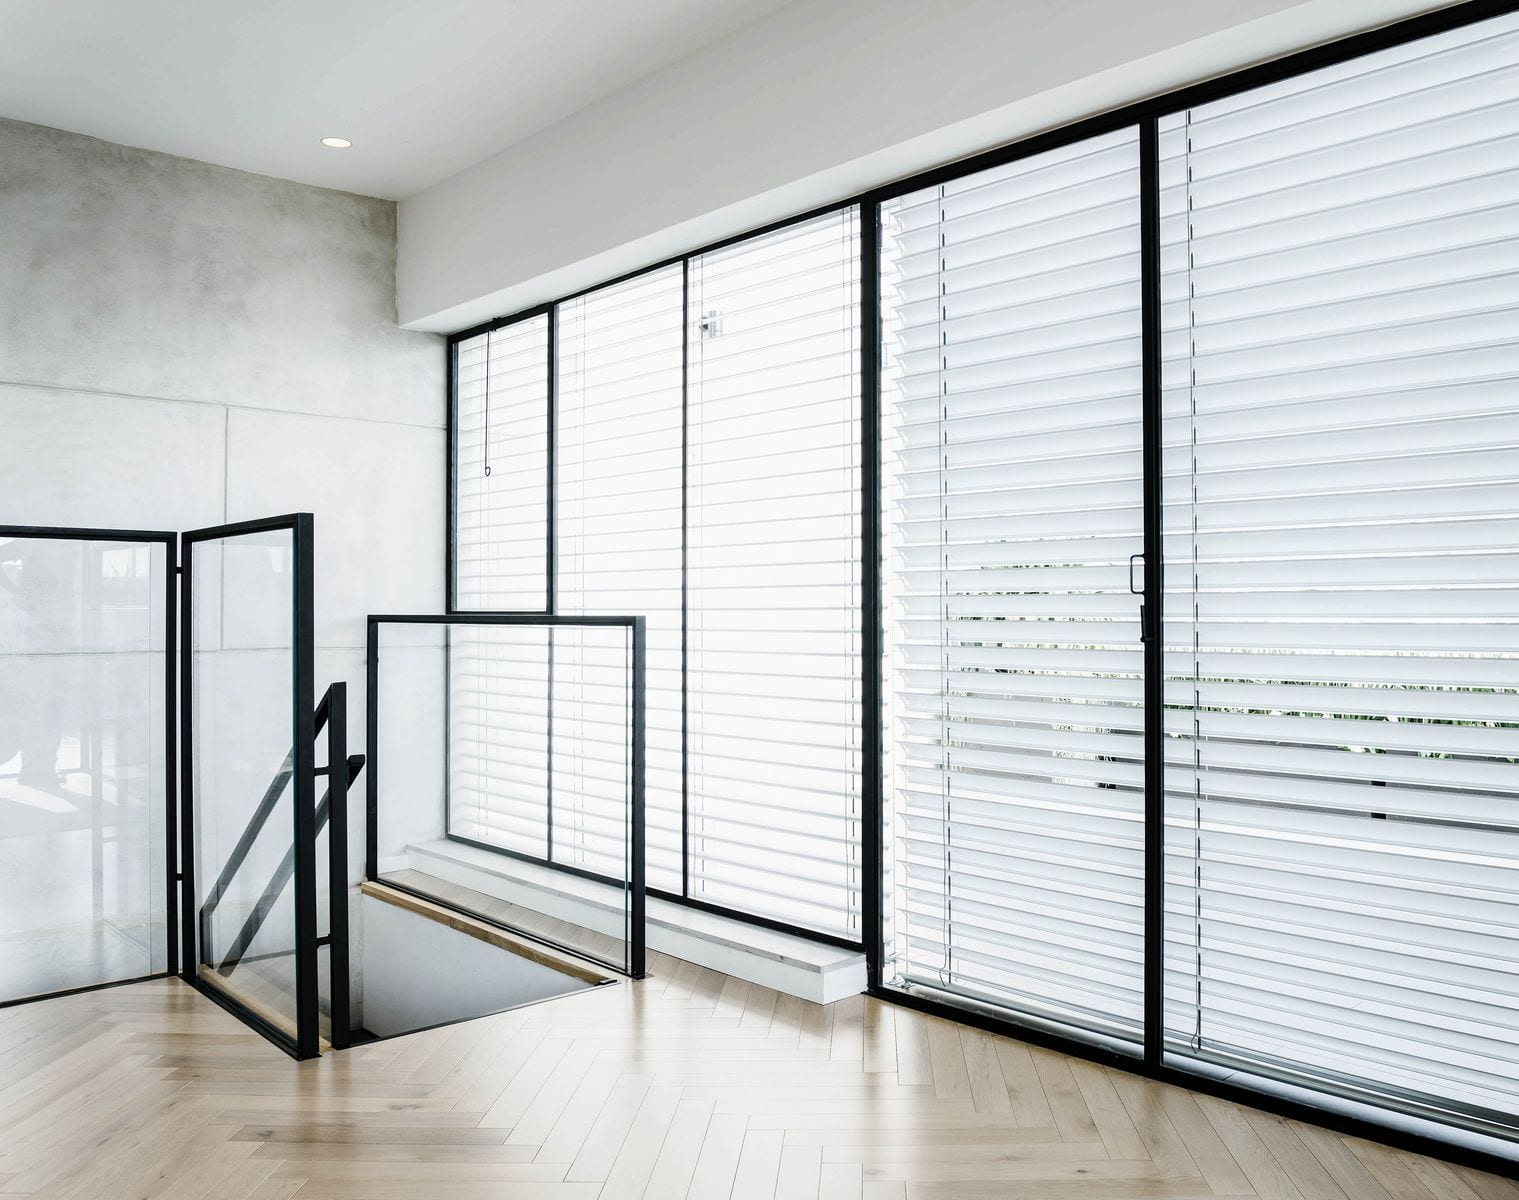 חלון ברזל מעוצב עם פרופיל ברזל מינימליסטי בצבע שחור עם זכוכית בידודית.